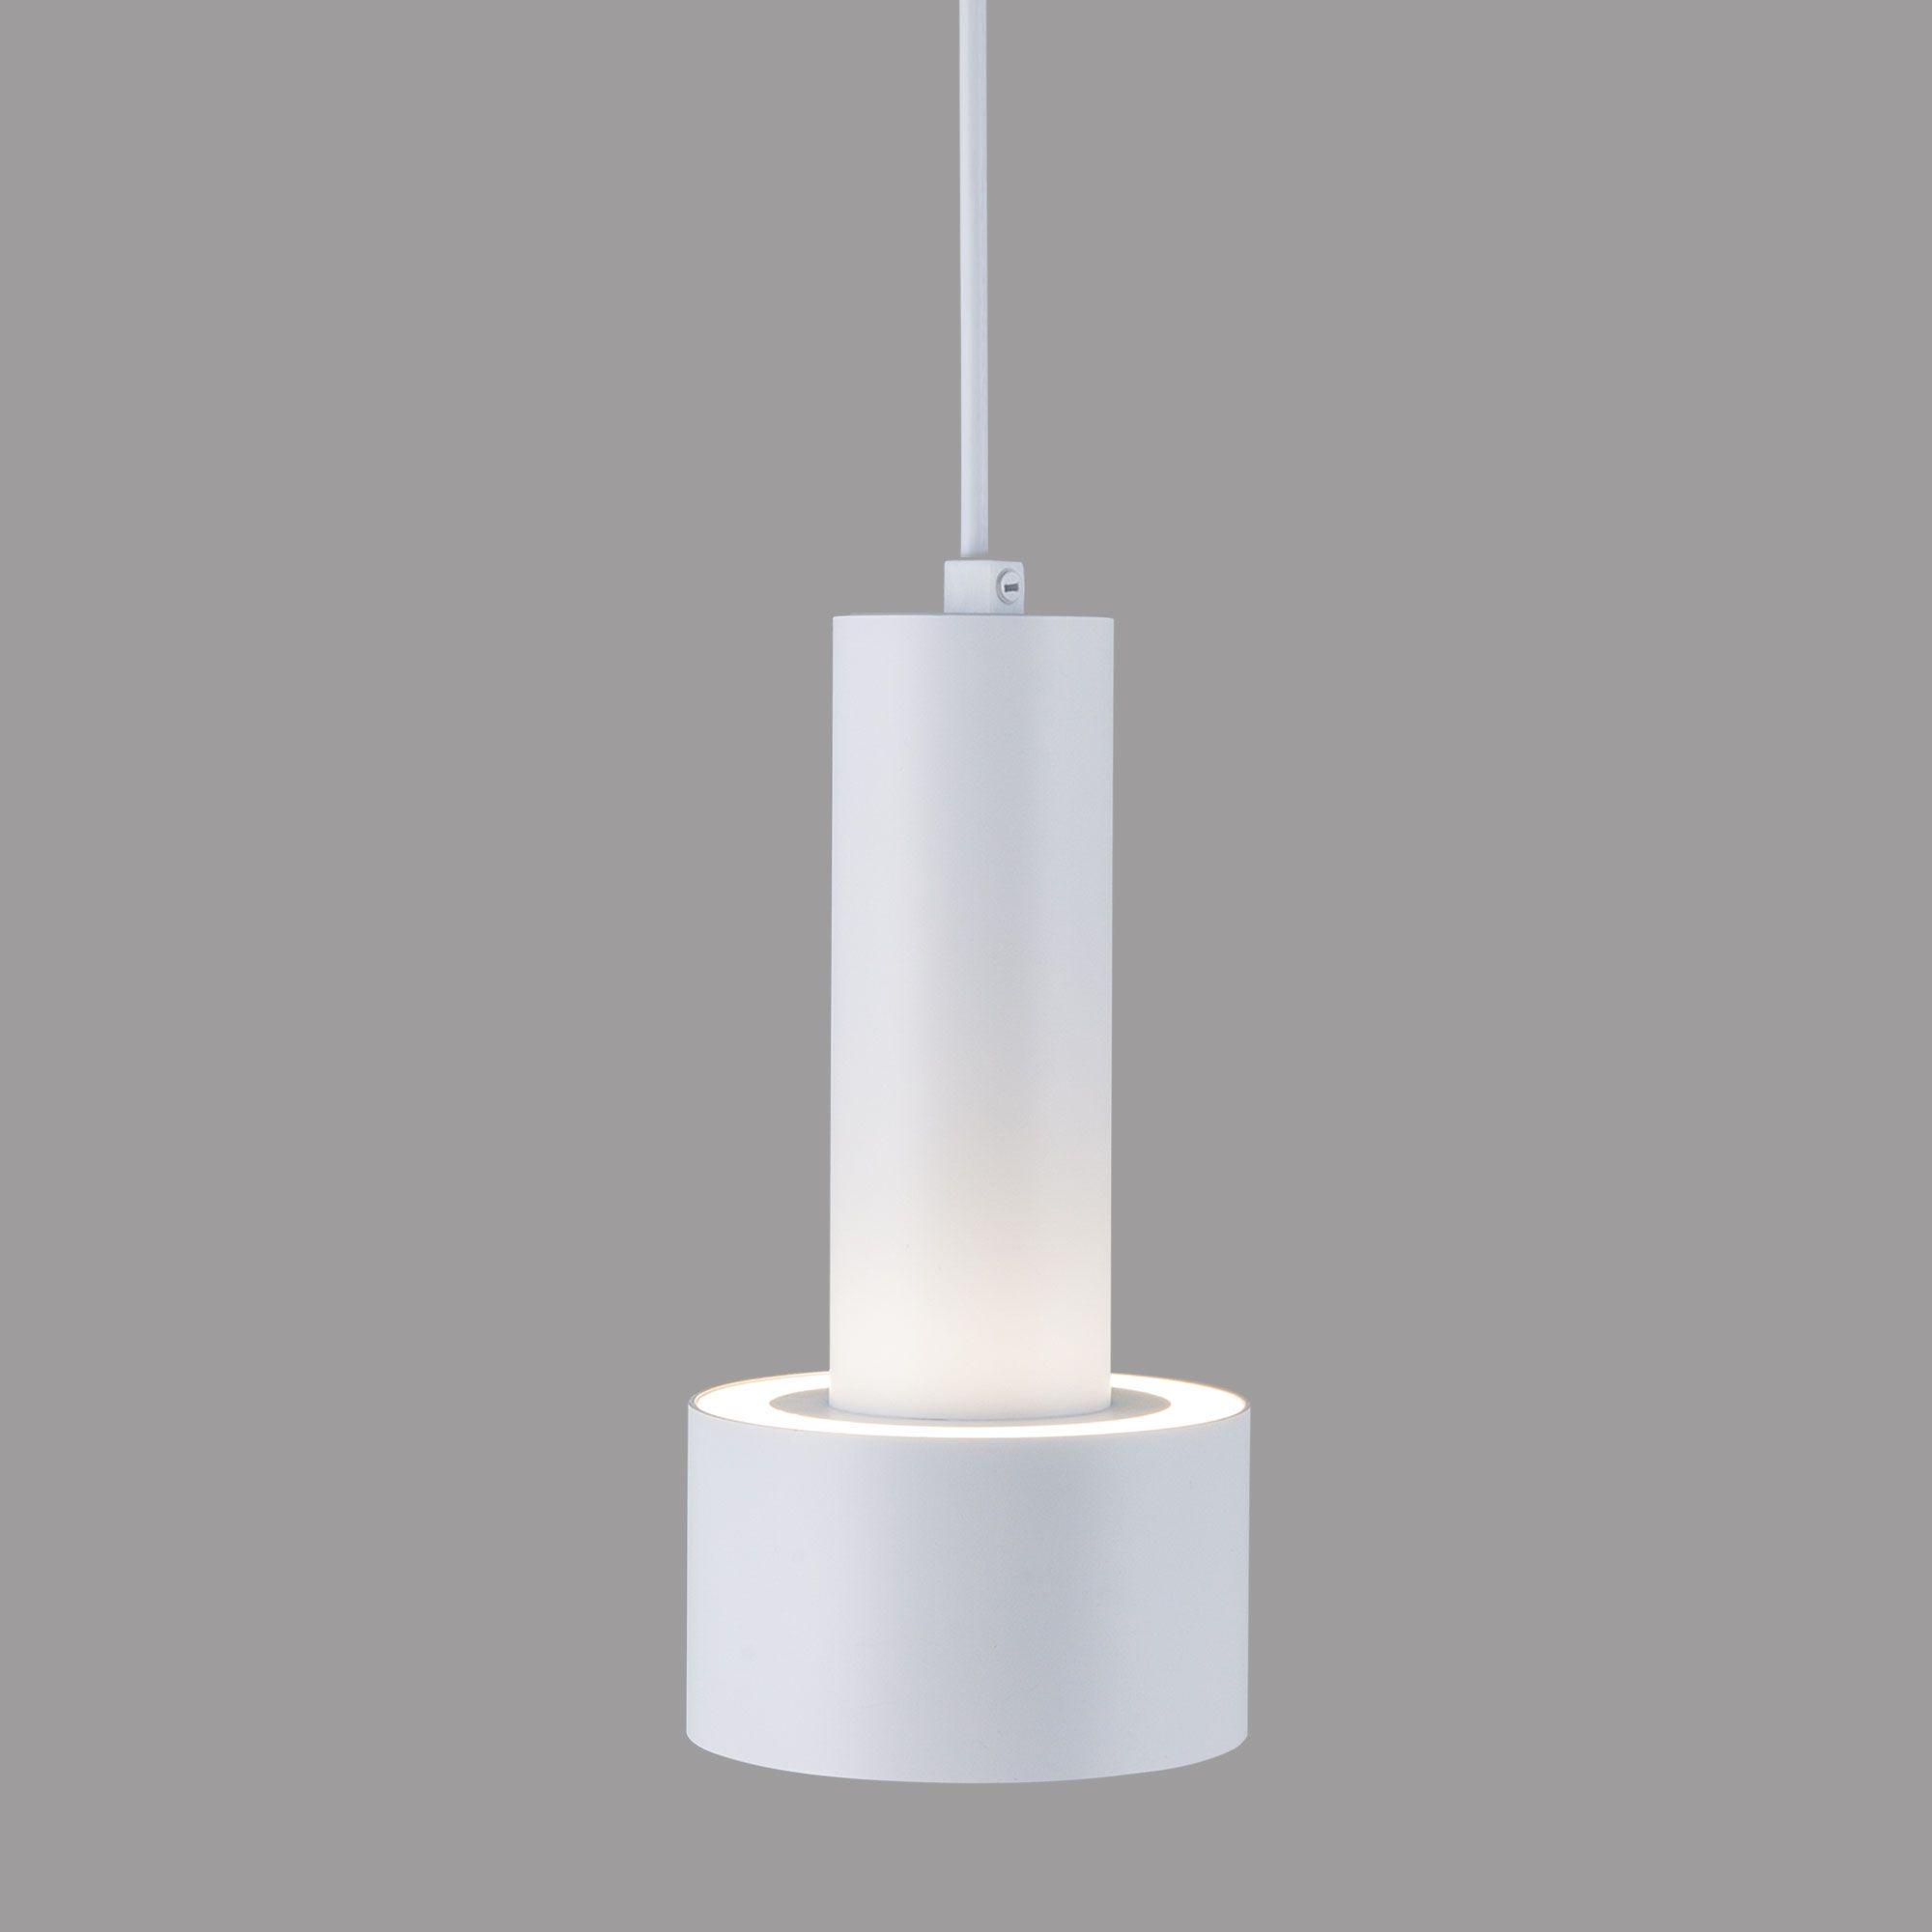 Подвесной светодиодный светильник DLR033 9W 4200K 3300 белый/хром